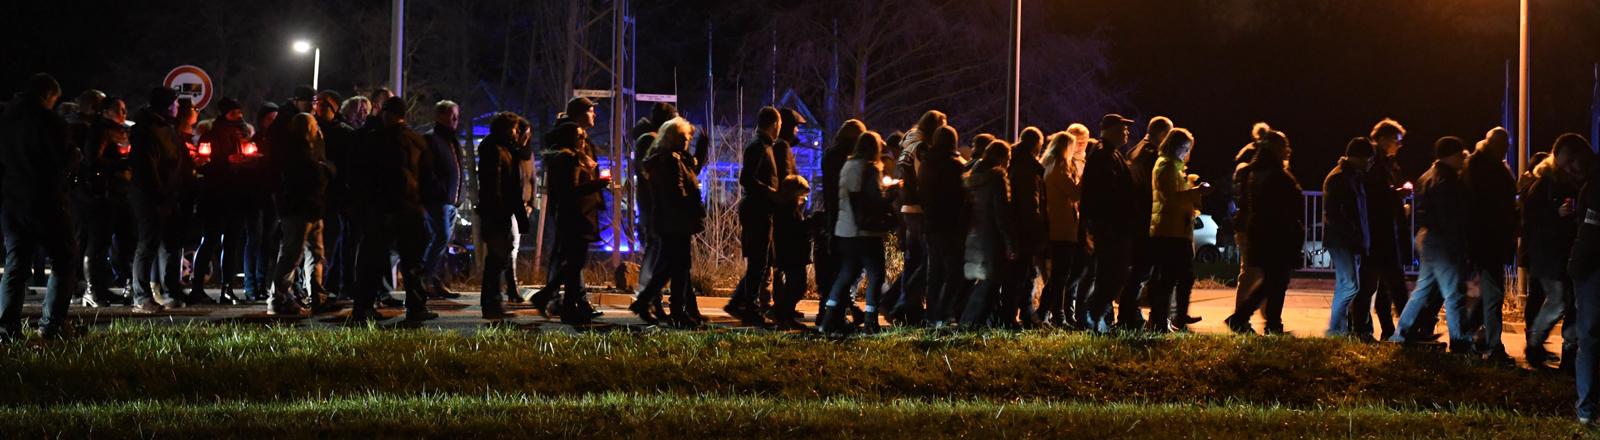 Kandel, Trauerzug nach Mord an einer 15-Jährigen